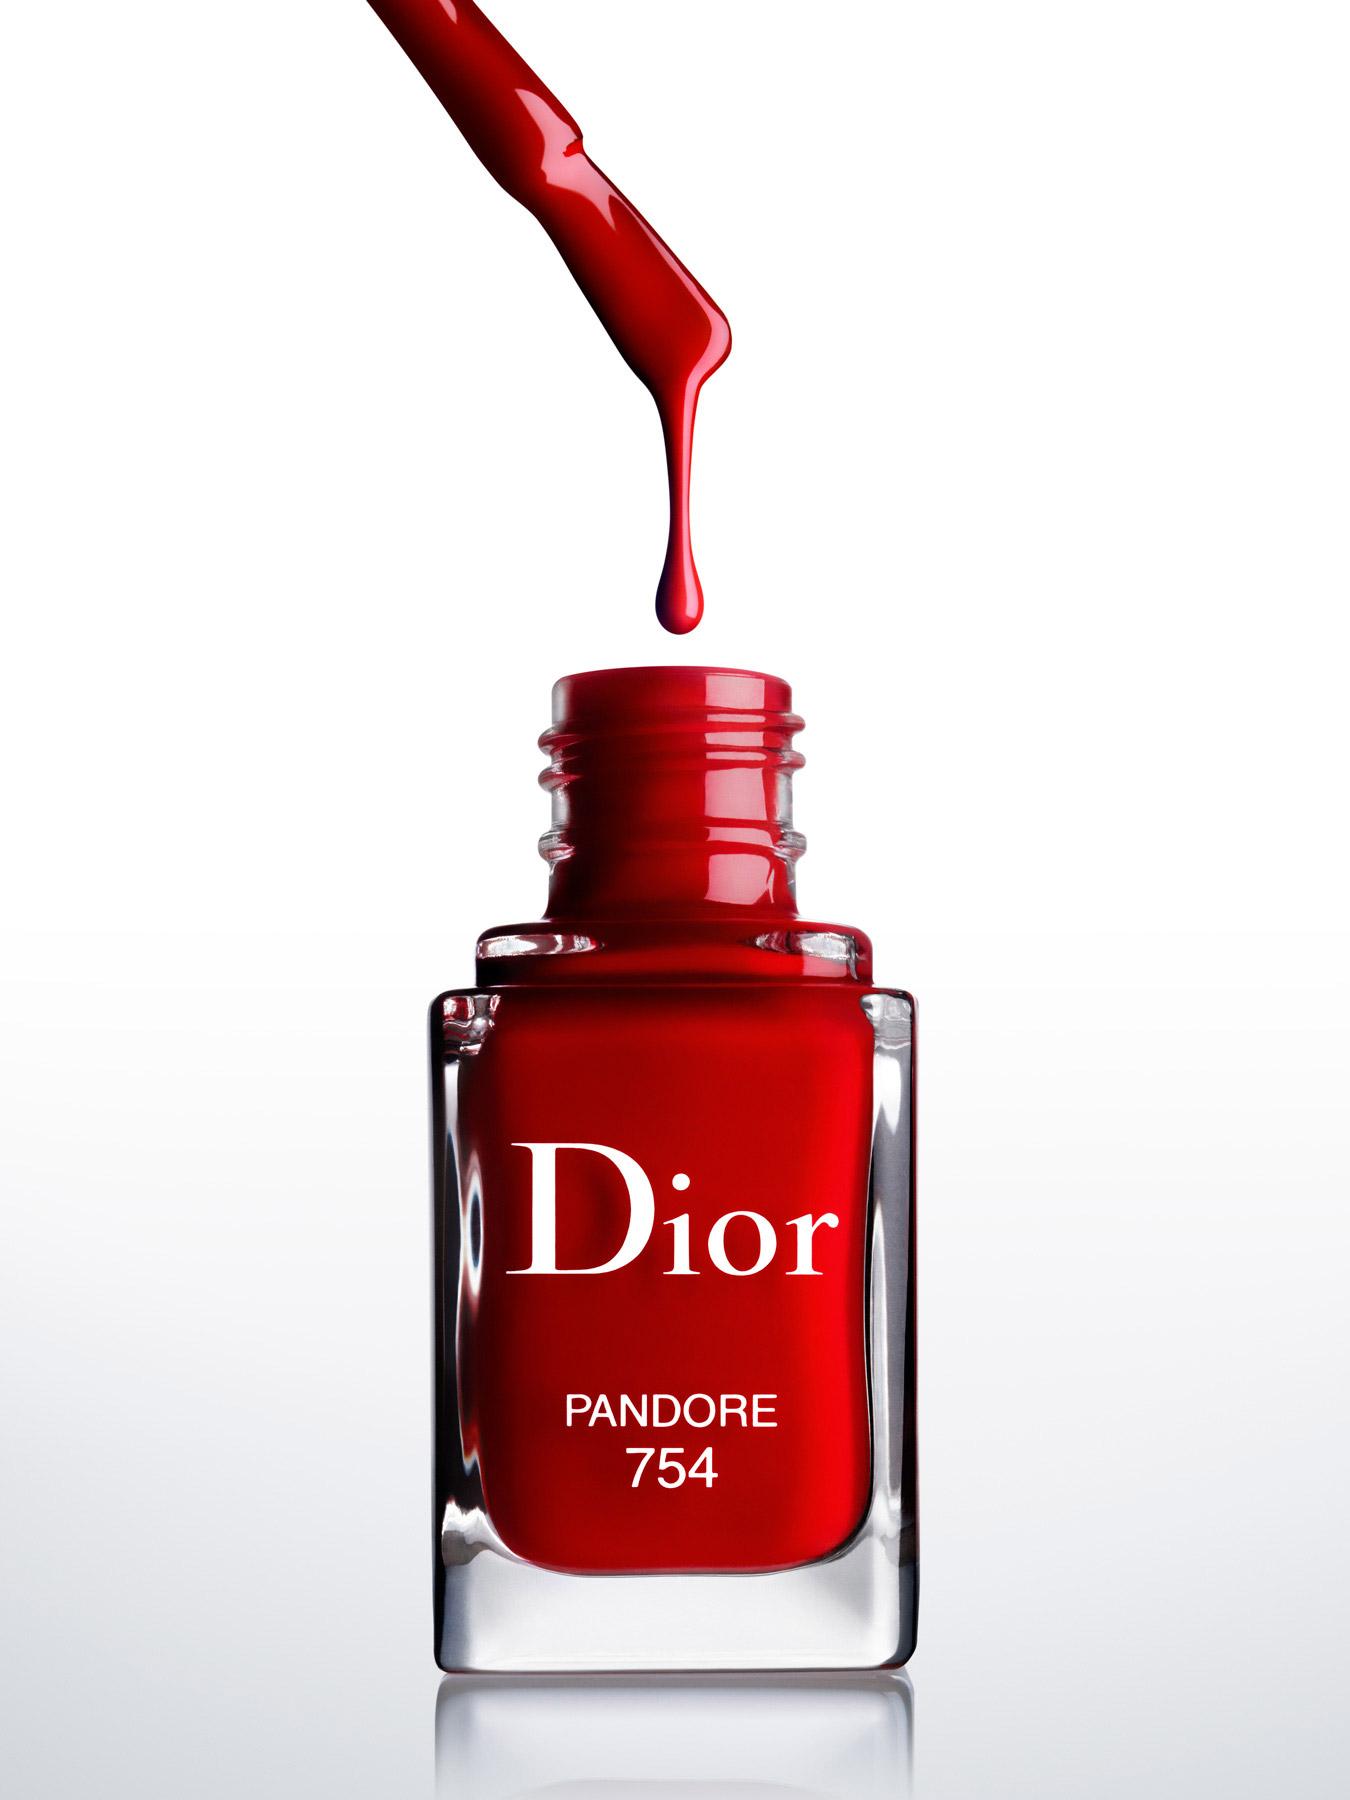 c01dior_rouge